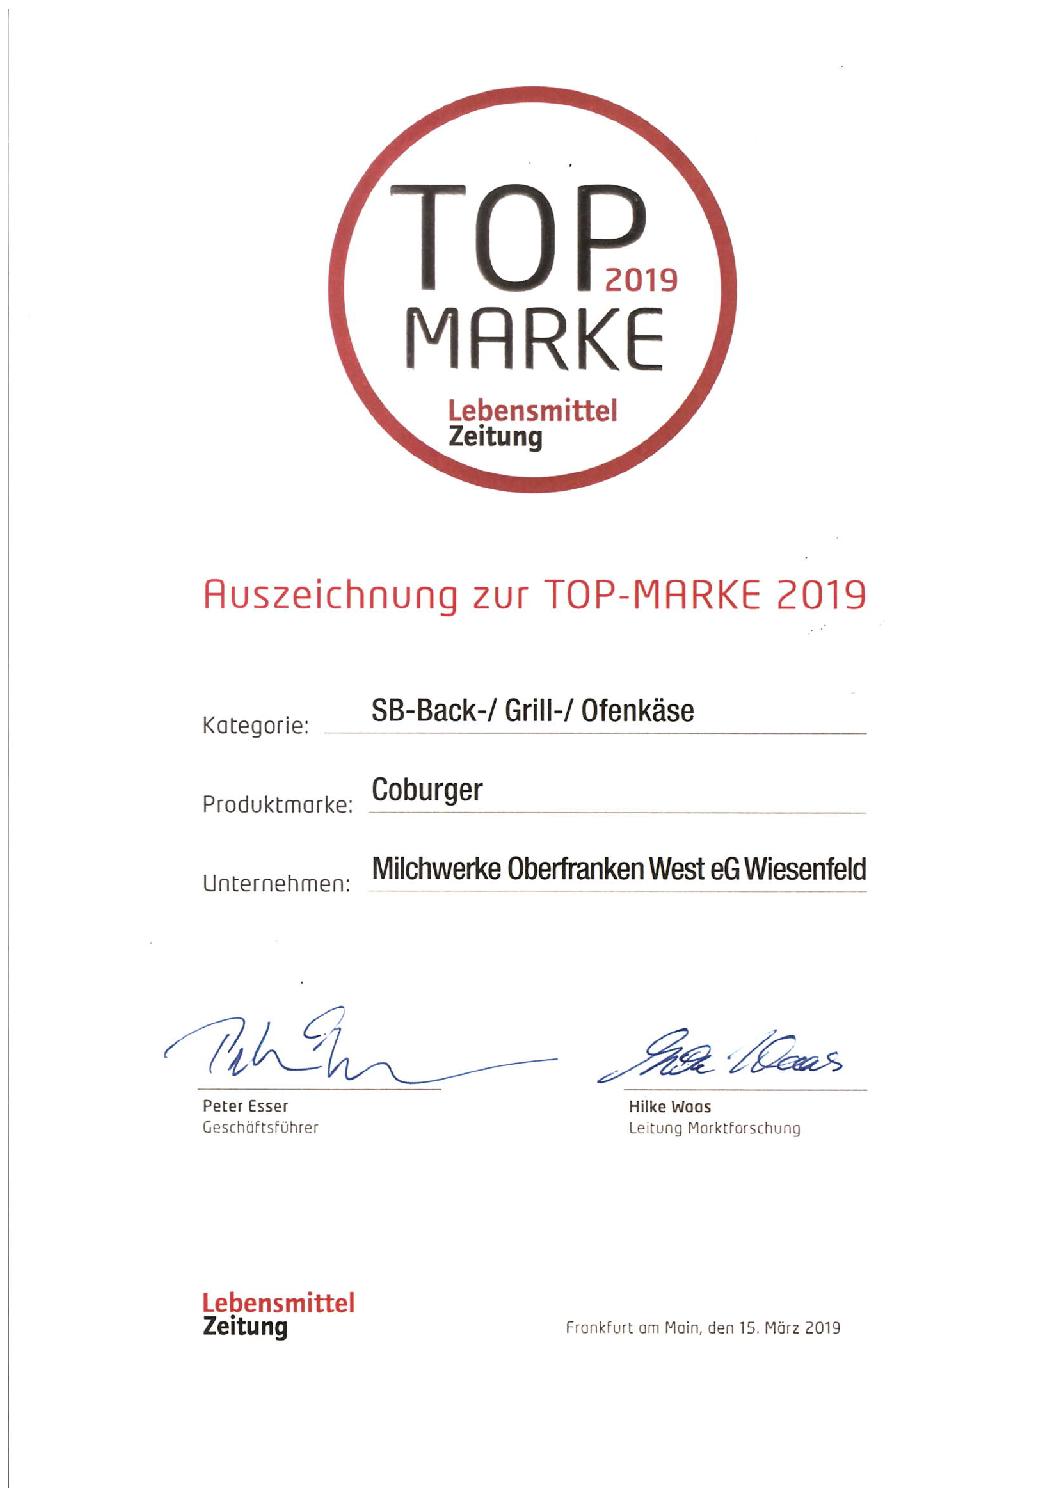 Top-Marke des Jahres 2019